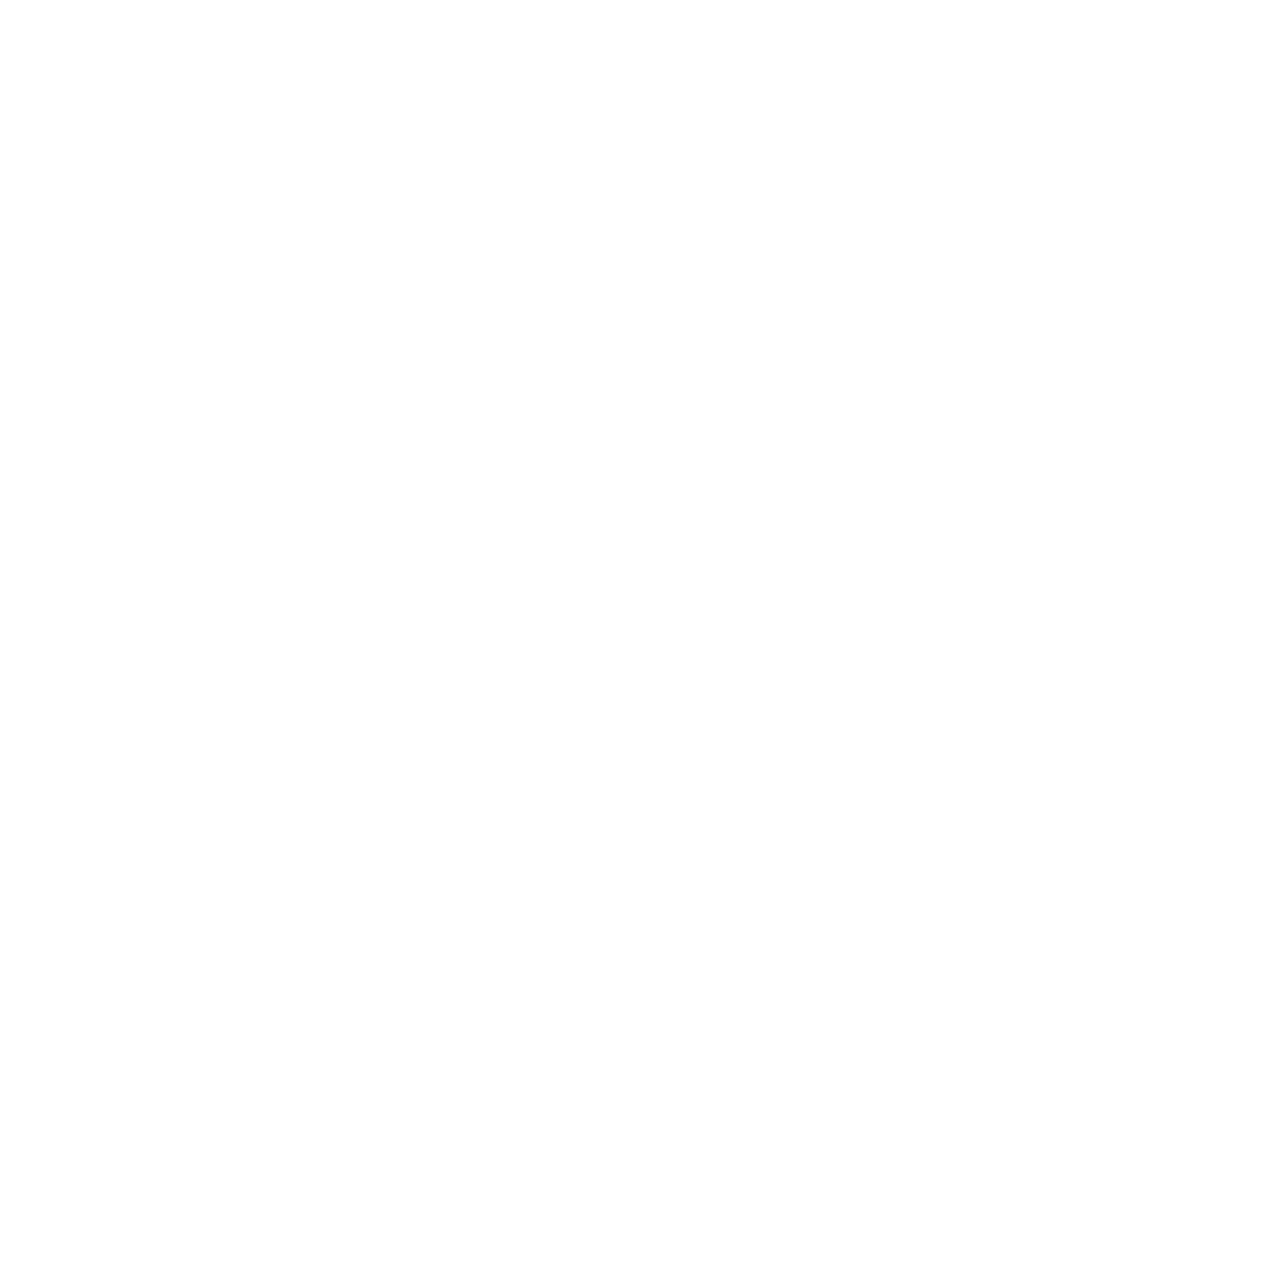 Cercle-Flèche-Blanc